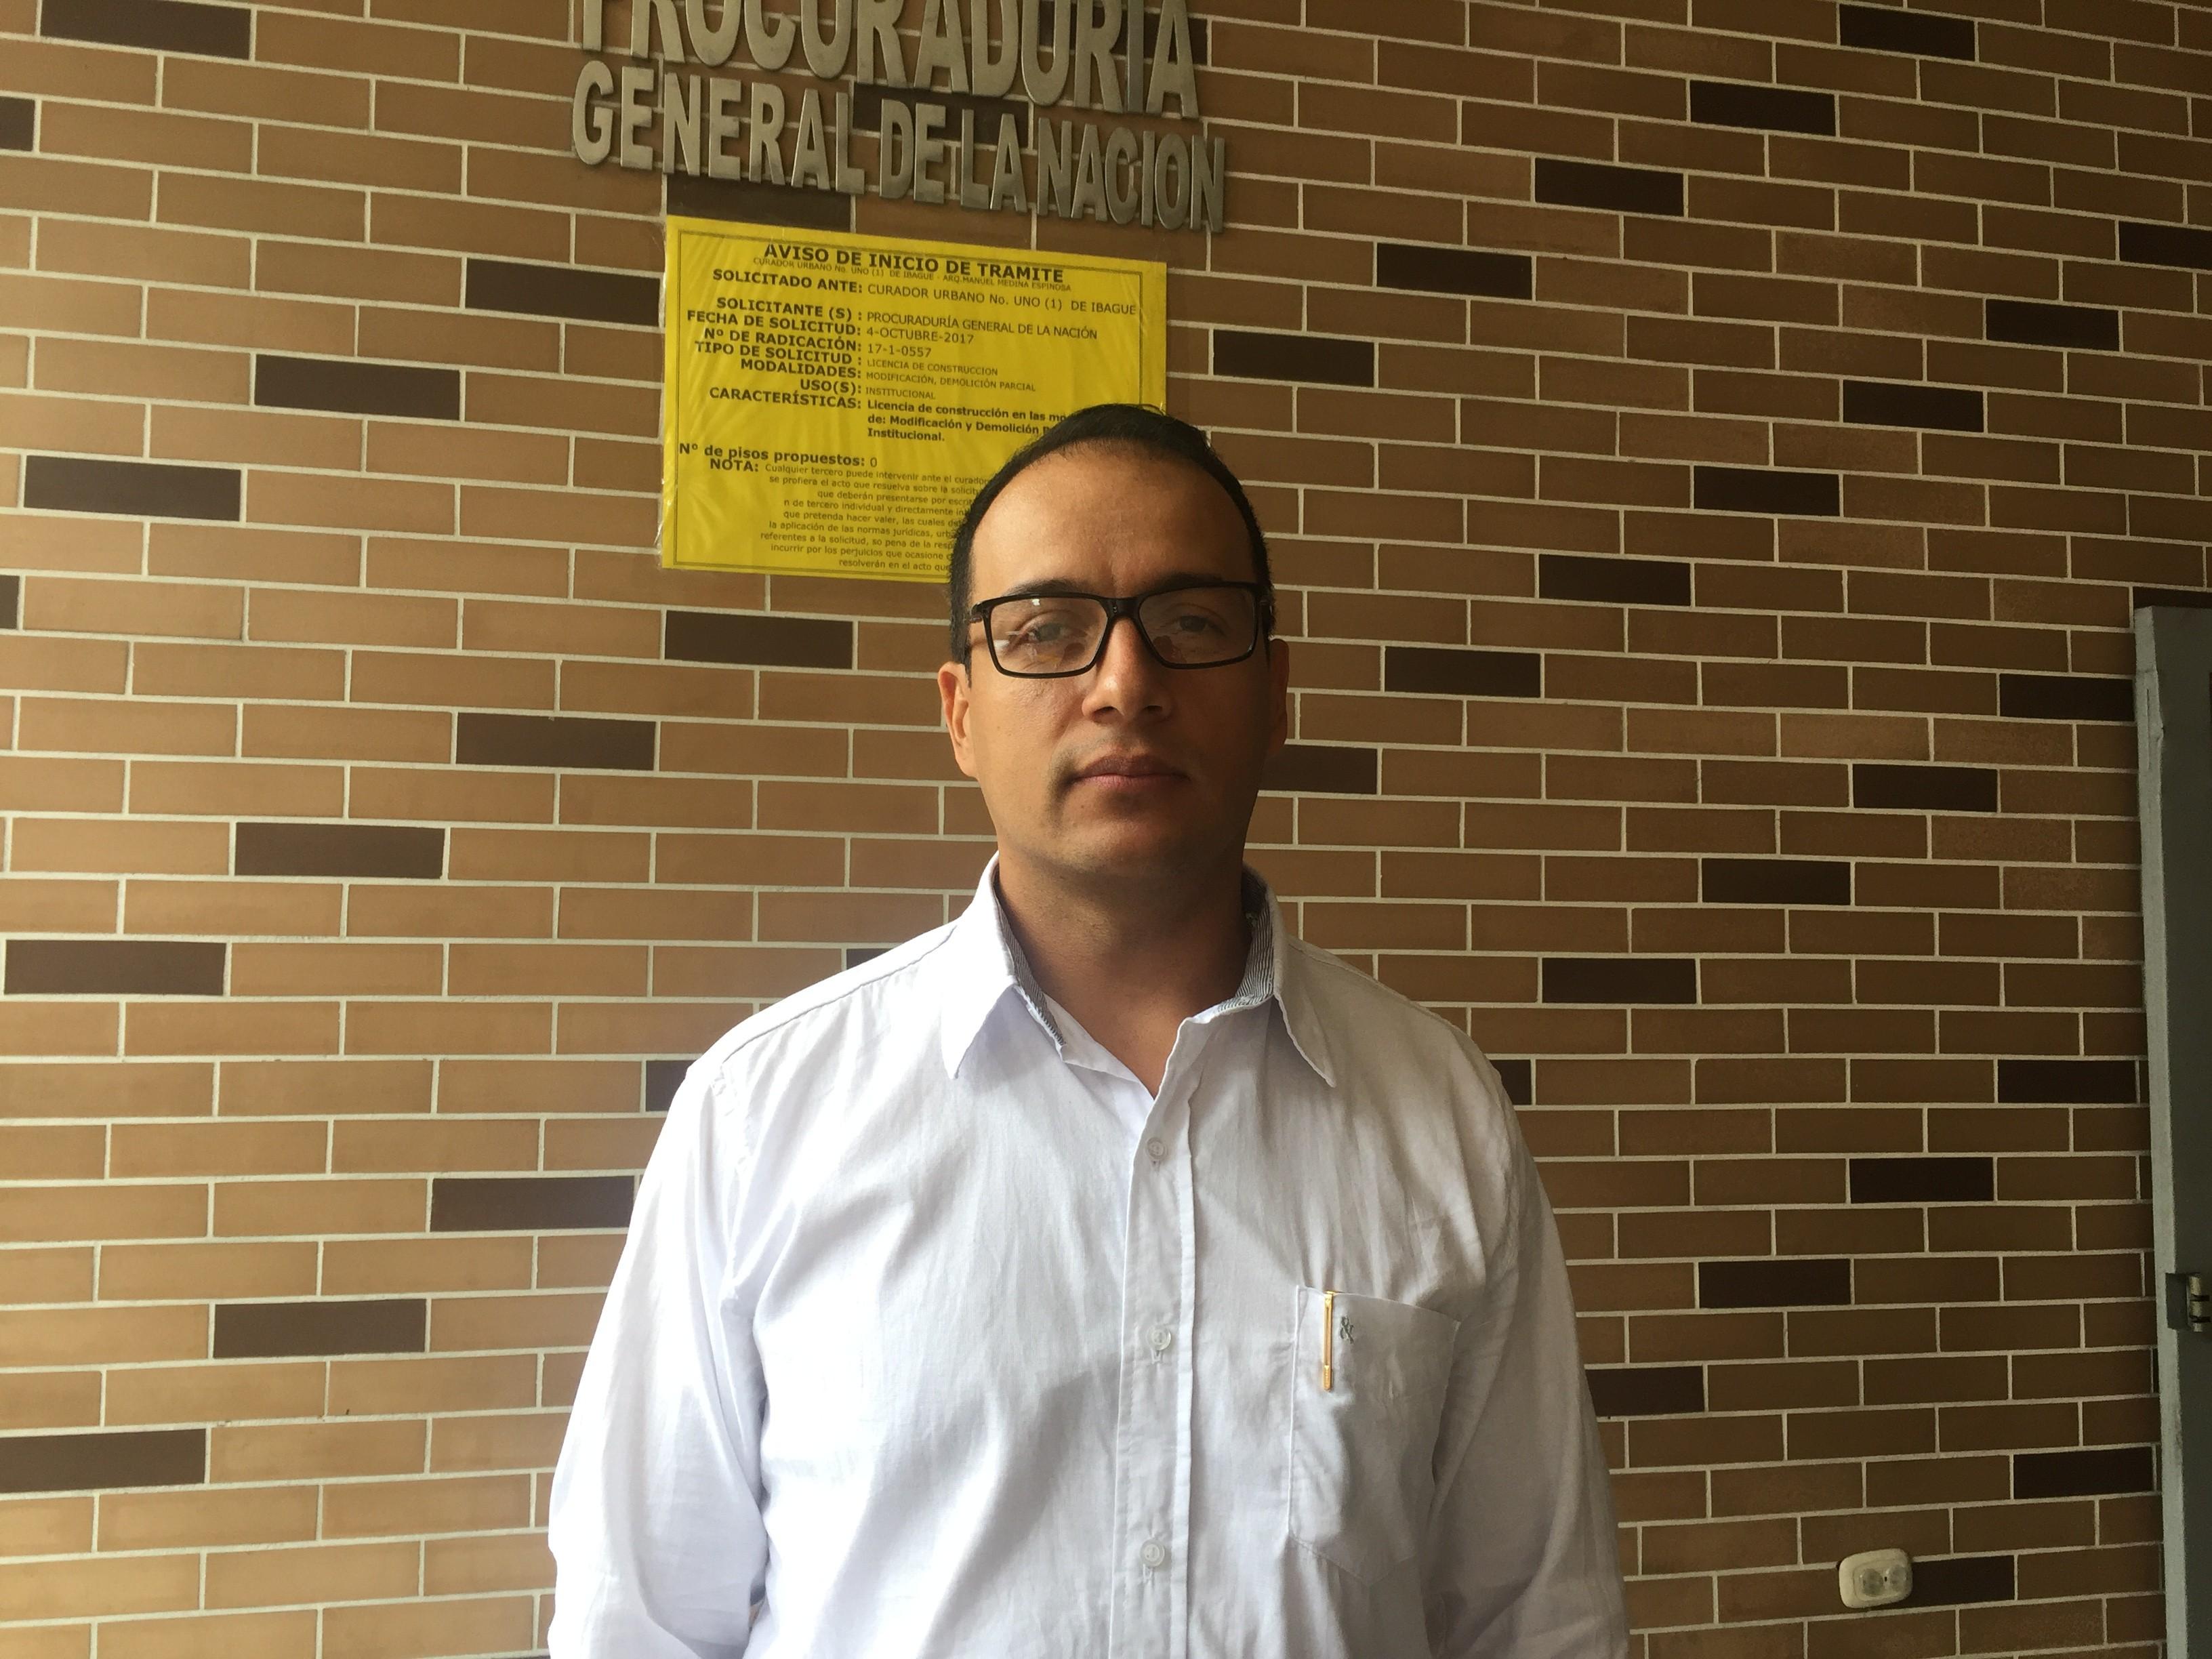 Ex-contralor de Ibagué demandará a concejales y al jefe del ente de control